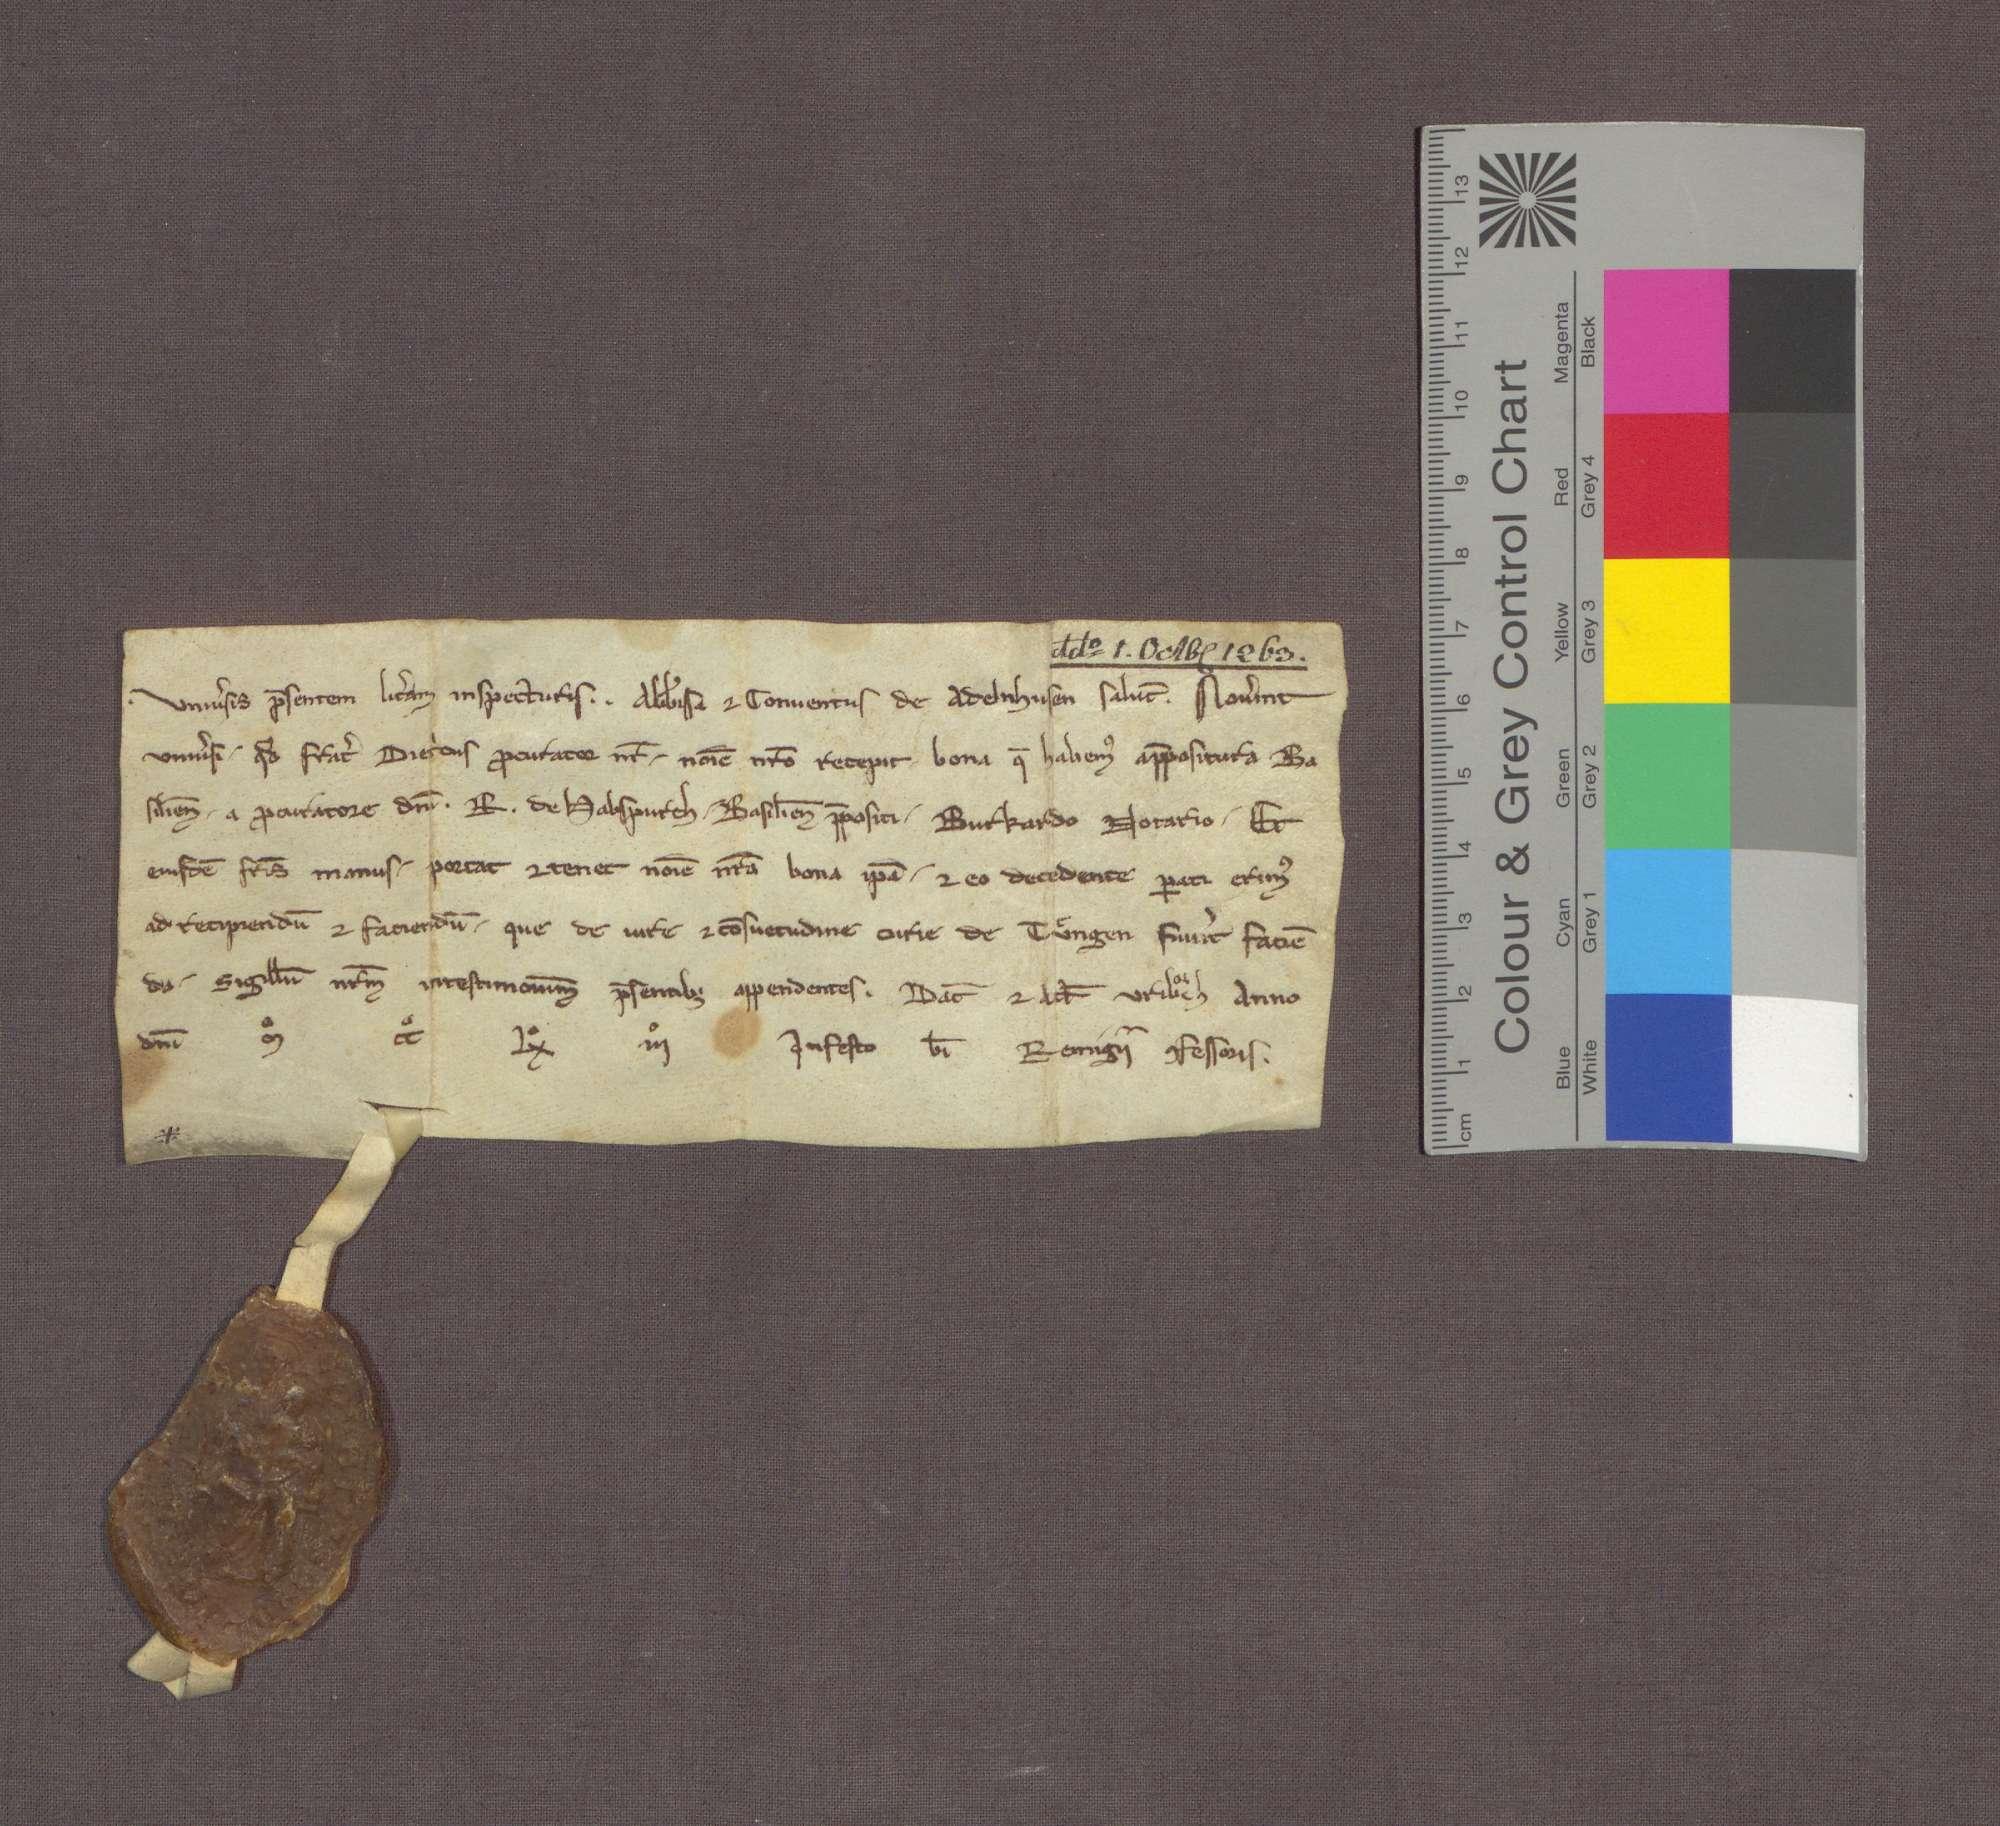 Äbtissin und Konvent zu Adelhausen bekennen, dass ihr Prokurator von der Basler Dompropstei Güter zu Tiengen empfangen hat., Bild 1